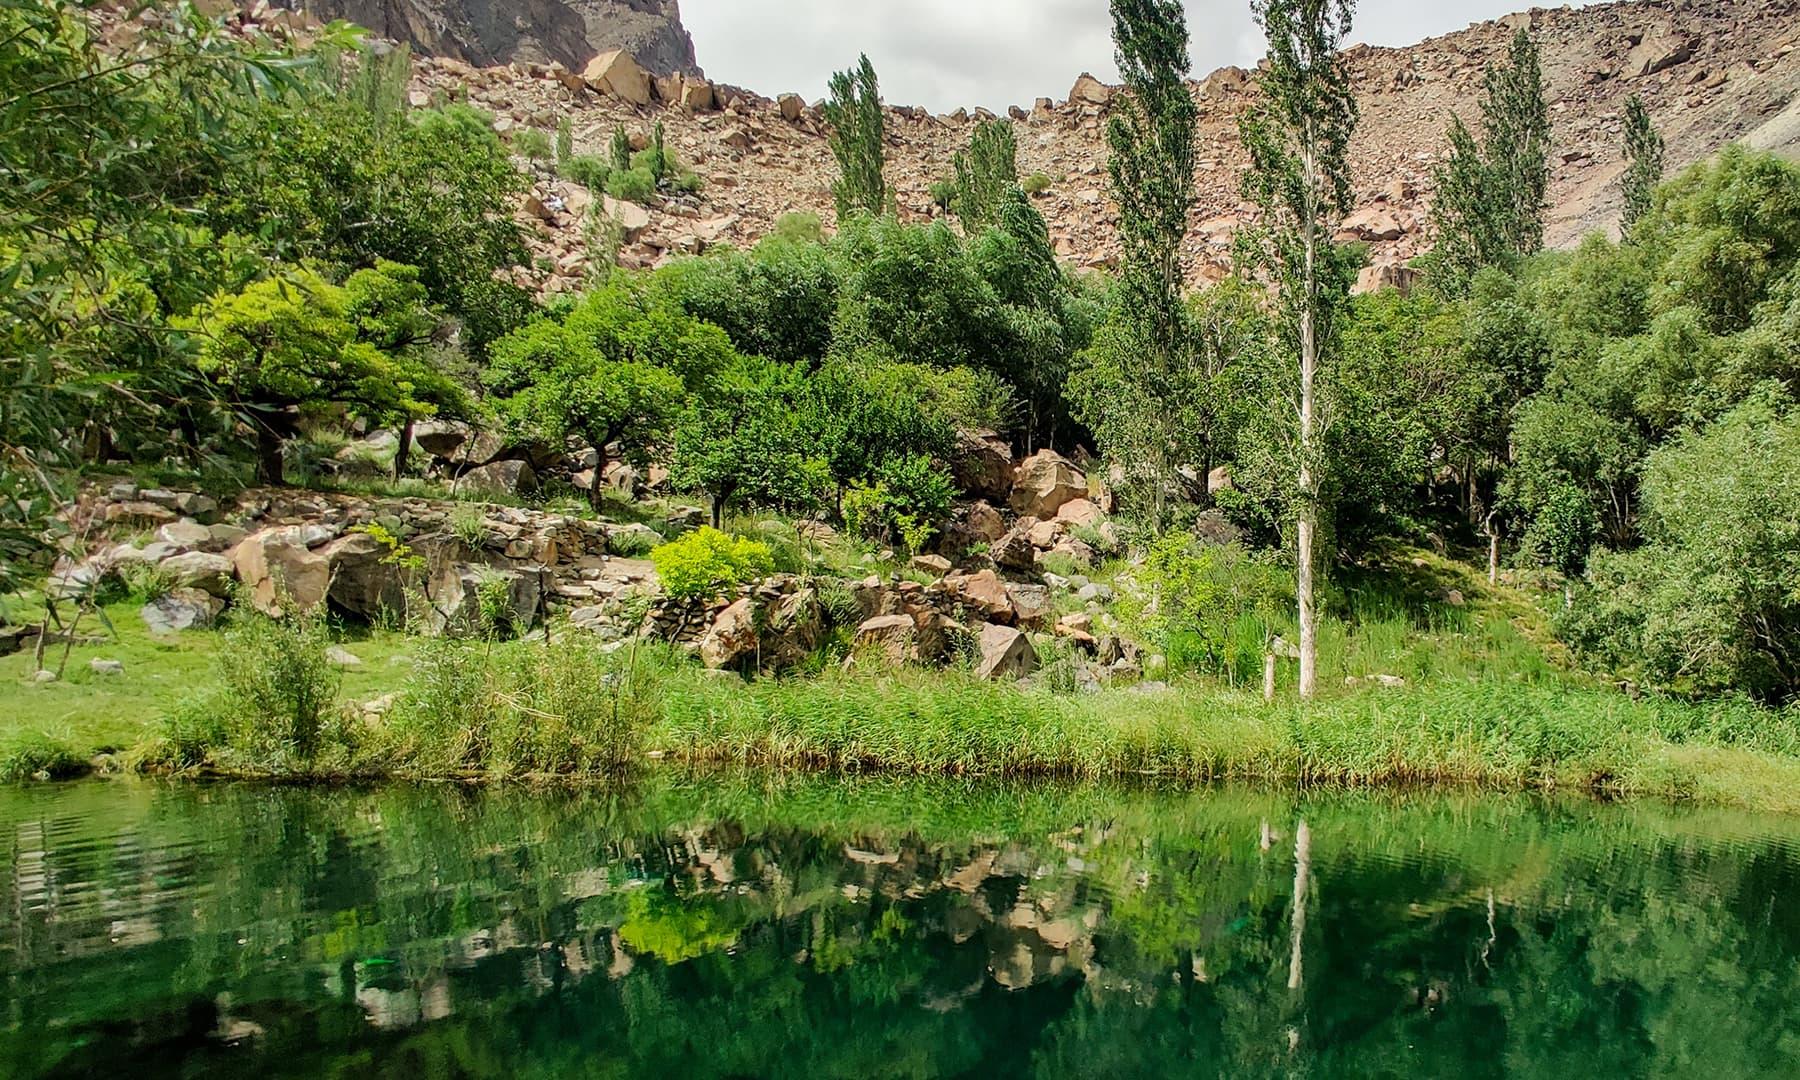 جھیل کے کنارے خوبانی کے درخت بکثرت پائے جاتے ہیں